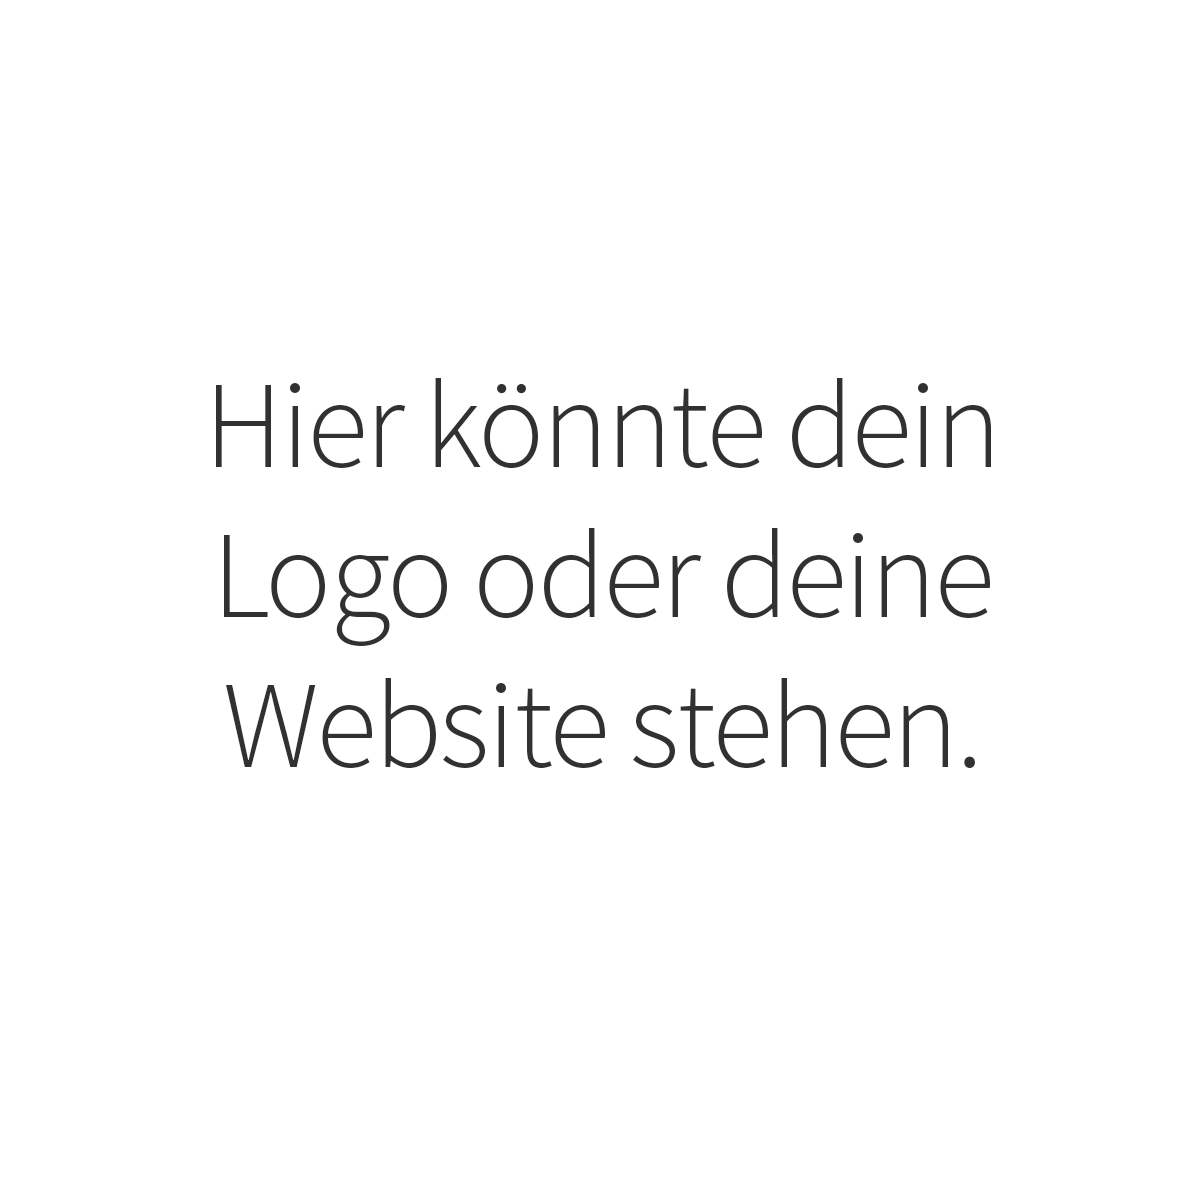 dein logo weiss